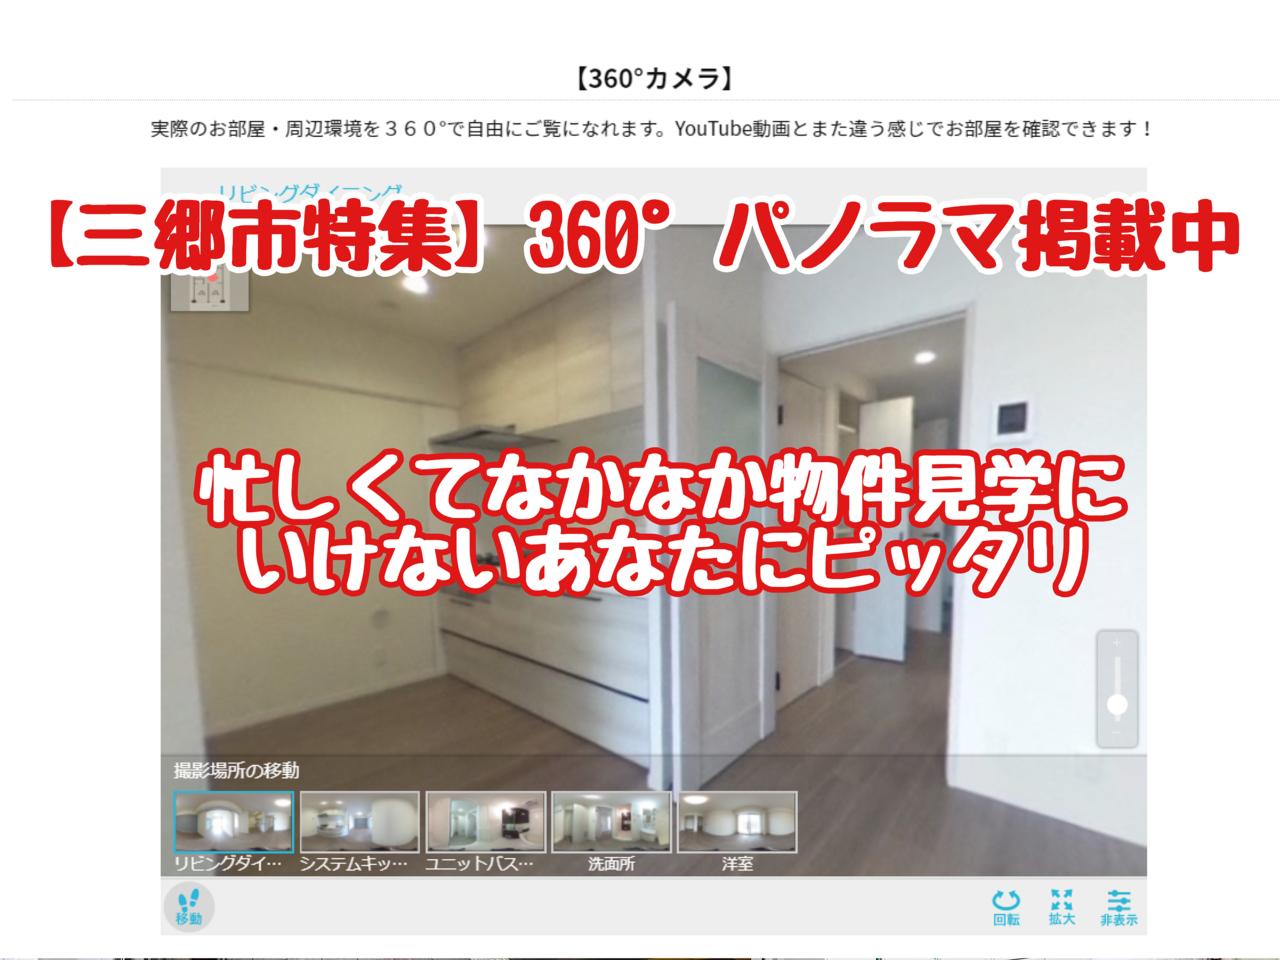 【三郷市特集】360°パノラマカメラで事前に自宅で内見できる物件